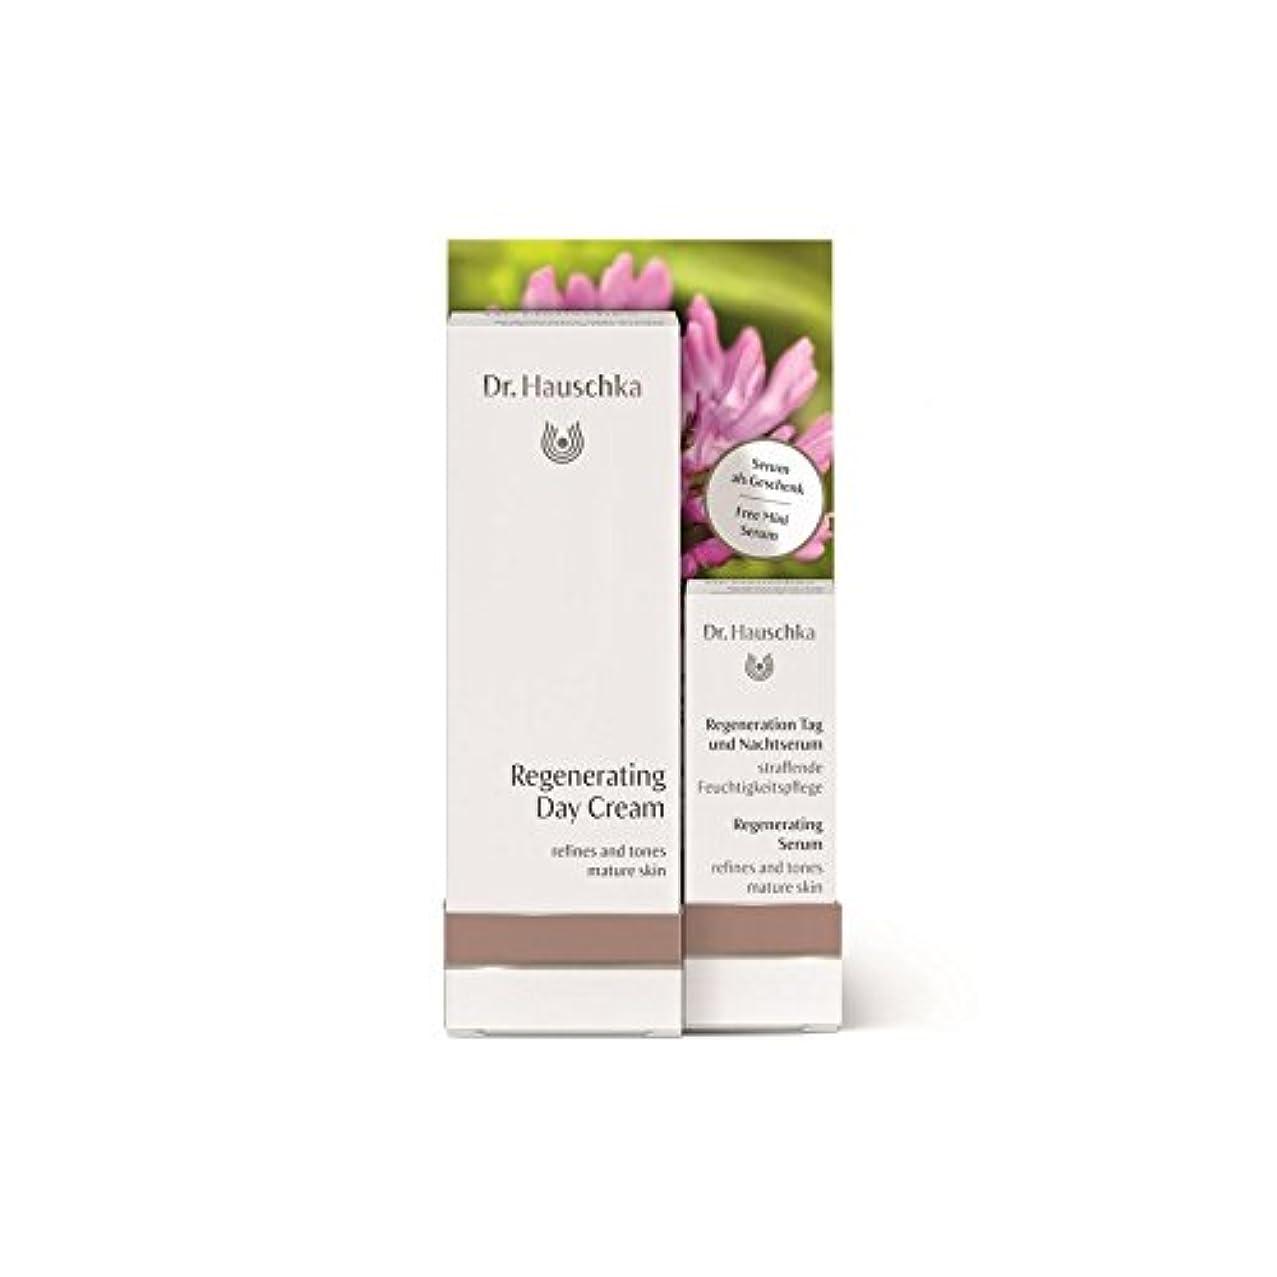 ひらめき更新蒸留するDr. Hauschka Regenerating Day Cream with a free Regenerating Serum 2.5ml - 無料再生血清2.5ミリリットルとハウシュカ再生デイクリーム [並行輸入品]